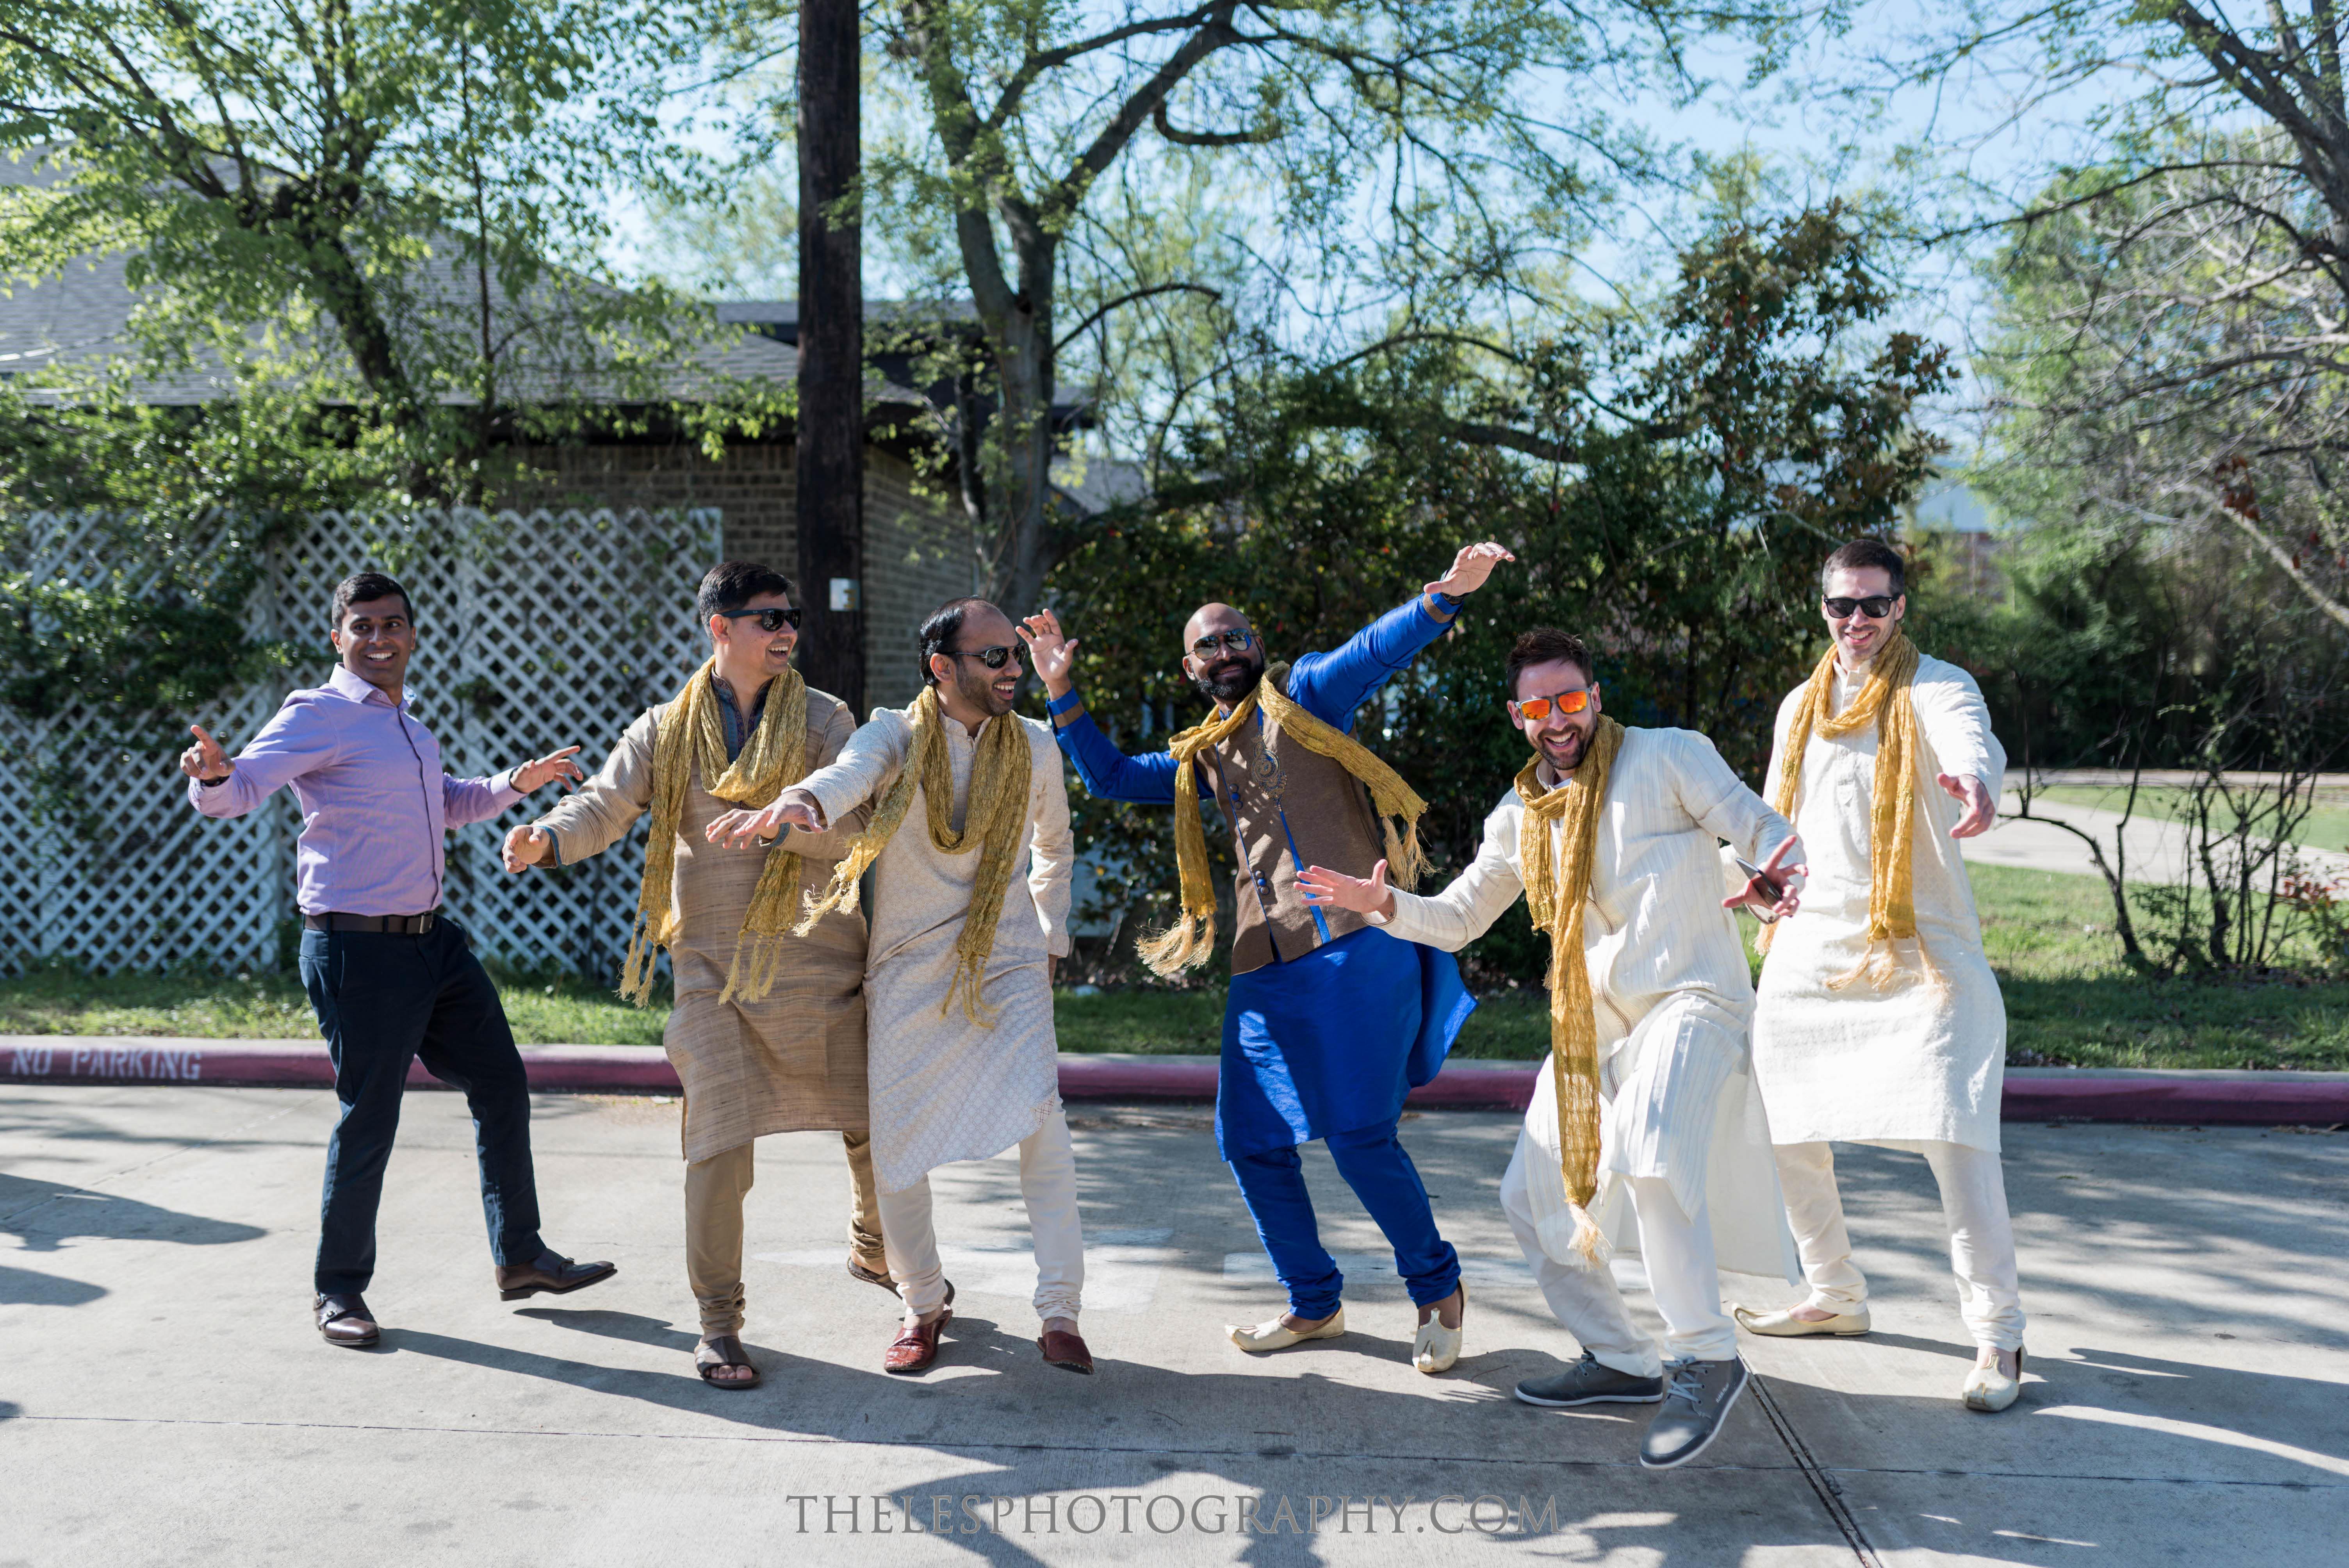 The Les Photography - Punjabi Wedding - Sikh Indian Wedding - Dallas Wedding Photographer 24